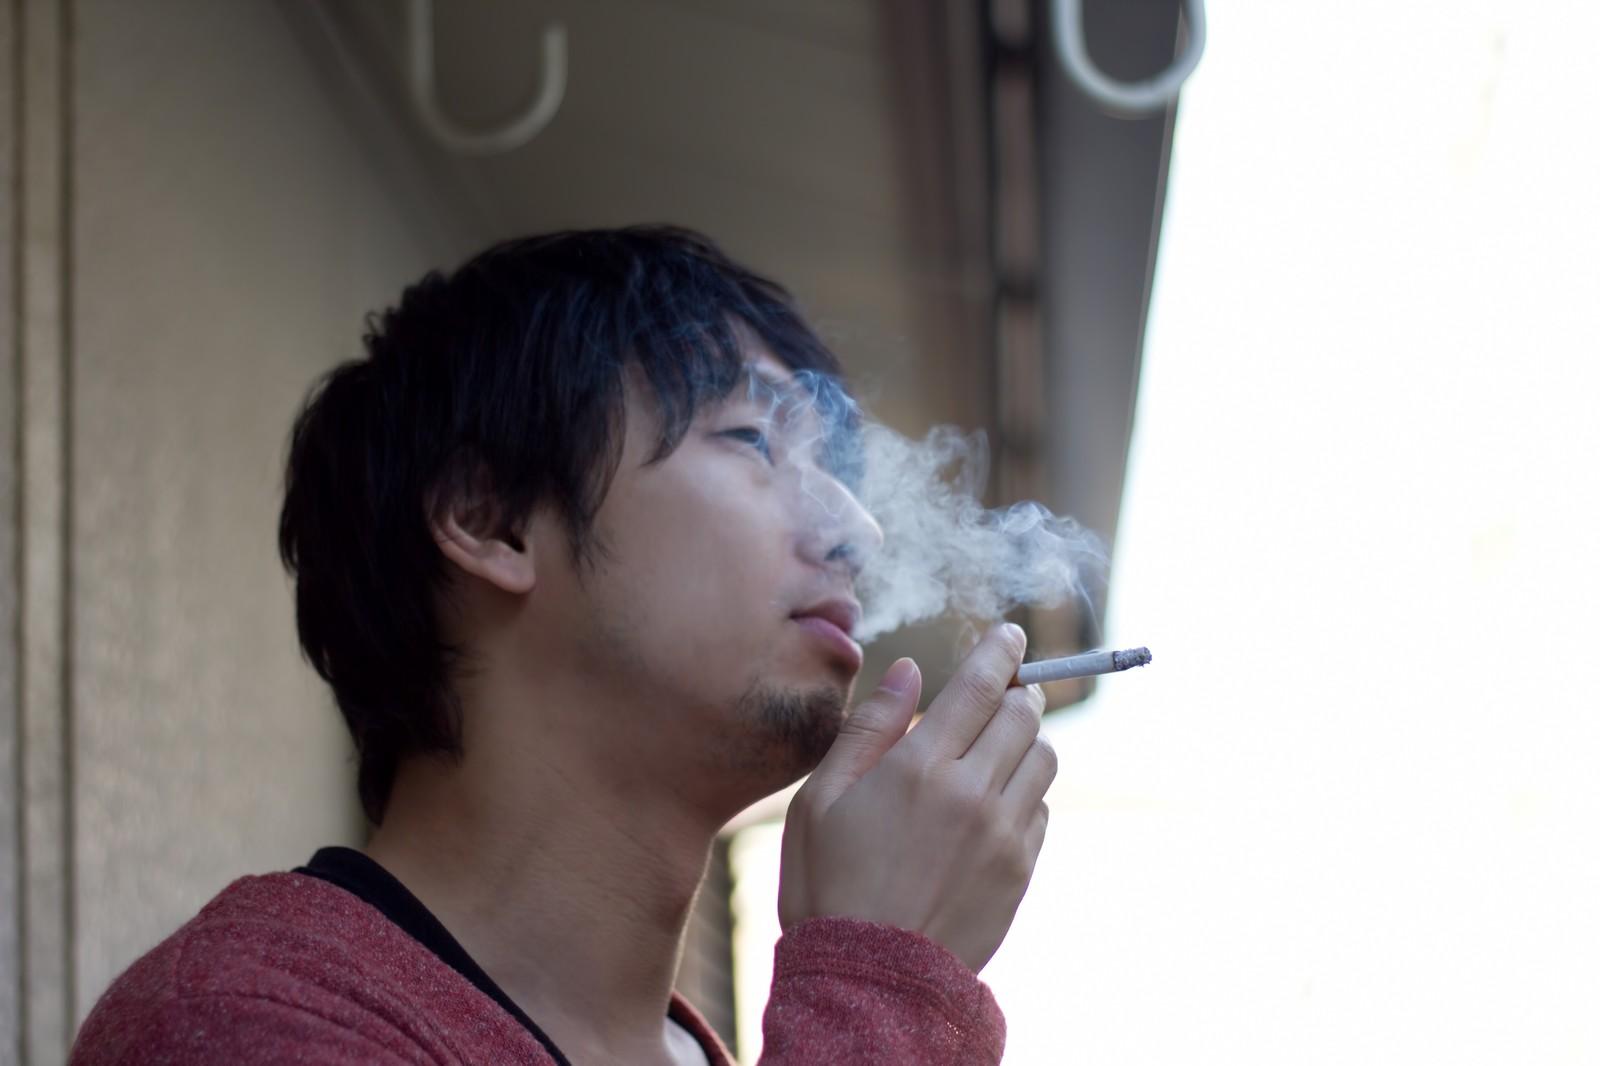 【恋愛対象外】タバコを吸う人が恋愛対象外にされる理由